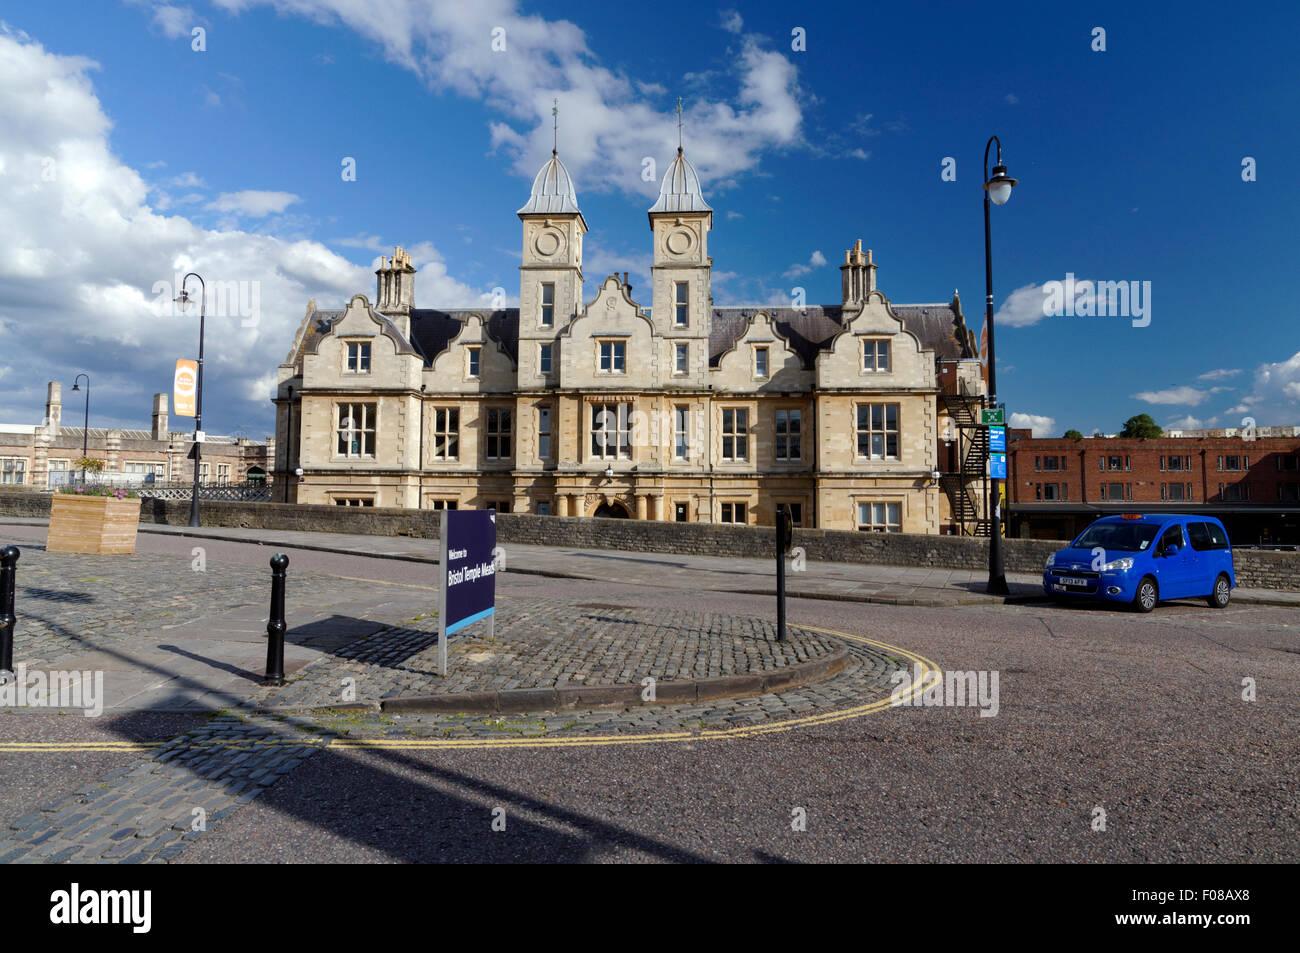 De style jacobéen siège du Bristol et Exeter Railway Company conçu par L.C. Fripp 1852-1854, Temple Photo Stock